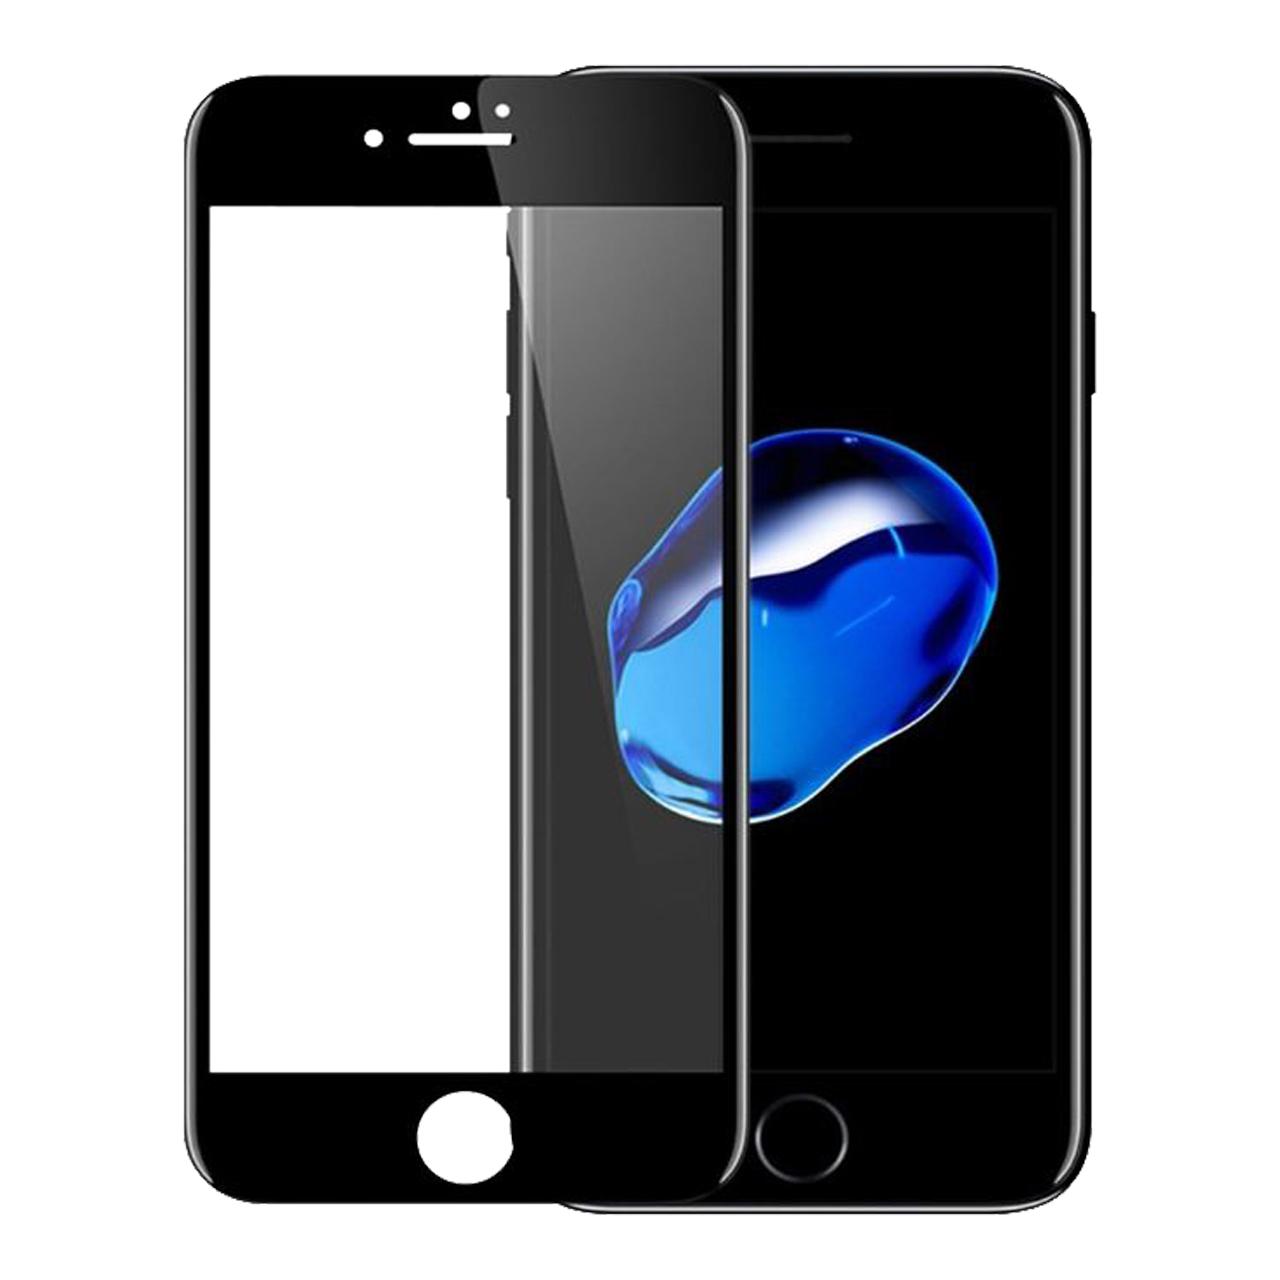 محافظ صفحه نمایش مدل S-0 مناسب برای گوشی موبایل اپل iPhone 7 / 8